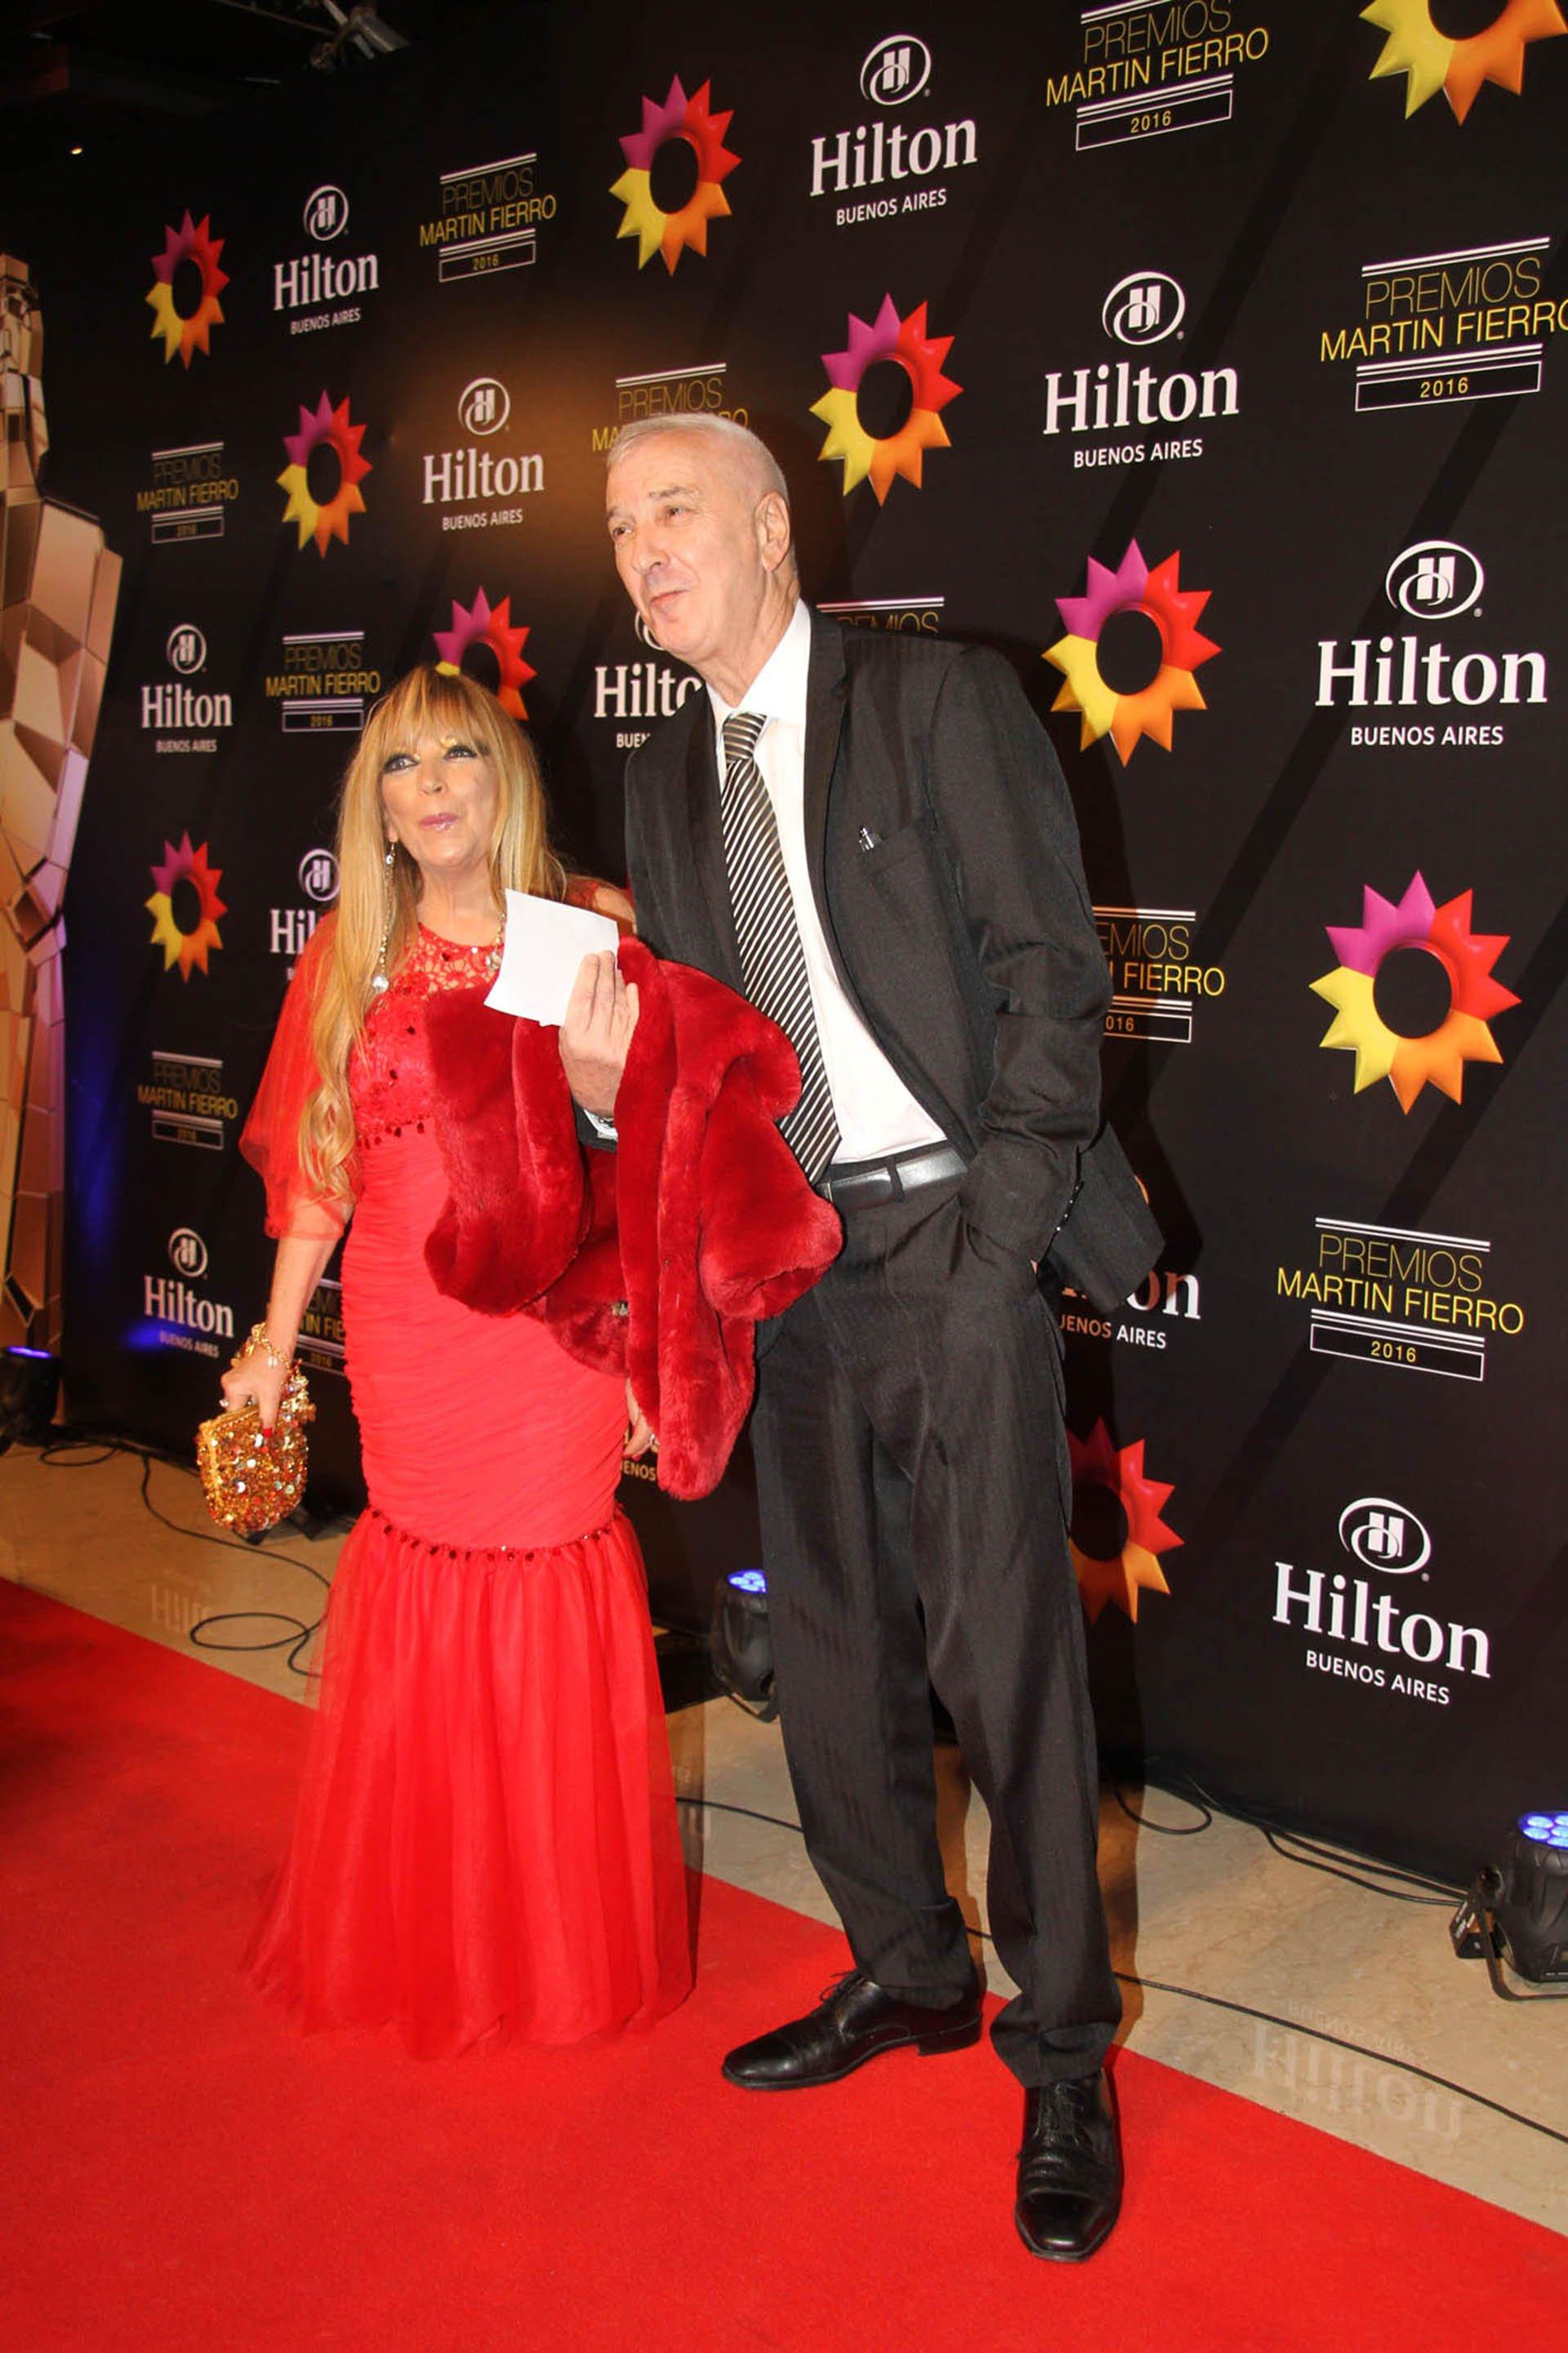 El periodista Mauro Viale junto a su mujer, la psicóloga Leonor Schwadron, también estuvieron presentes en la noche más importante para la televisión